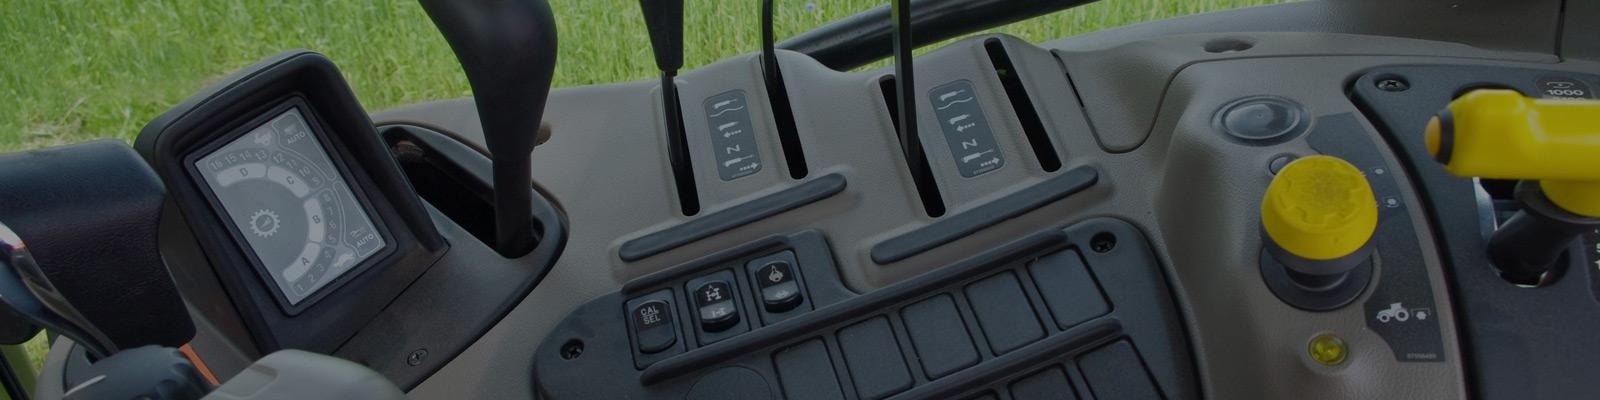 hdr-controls